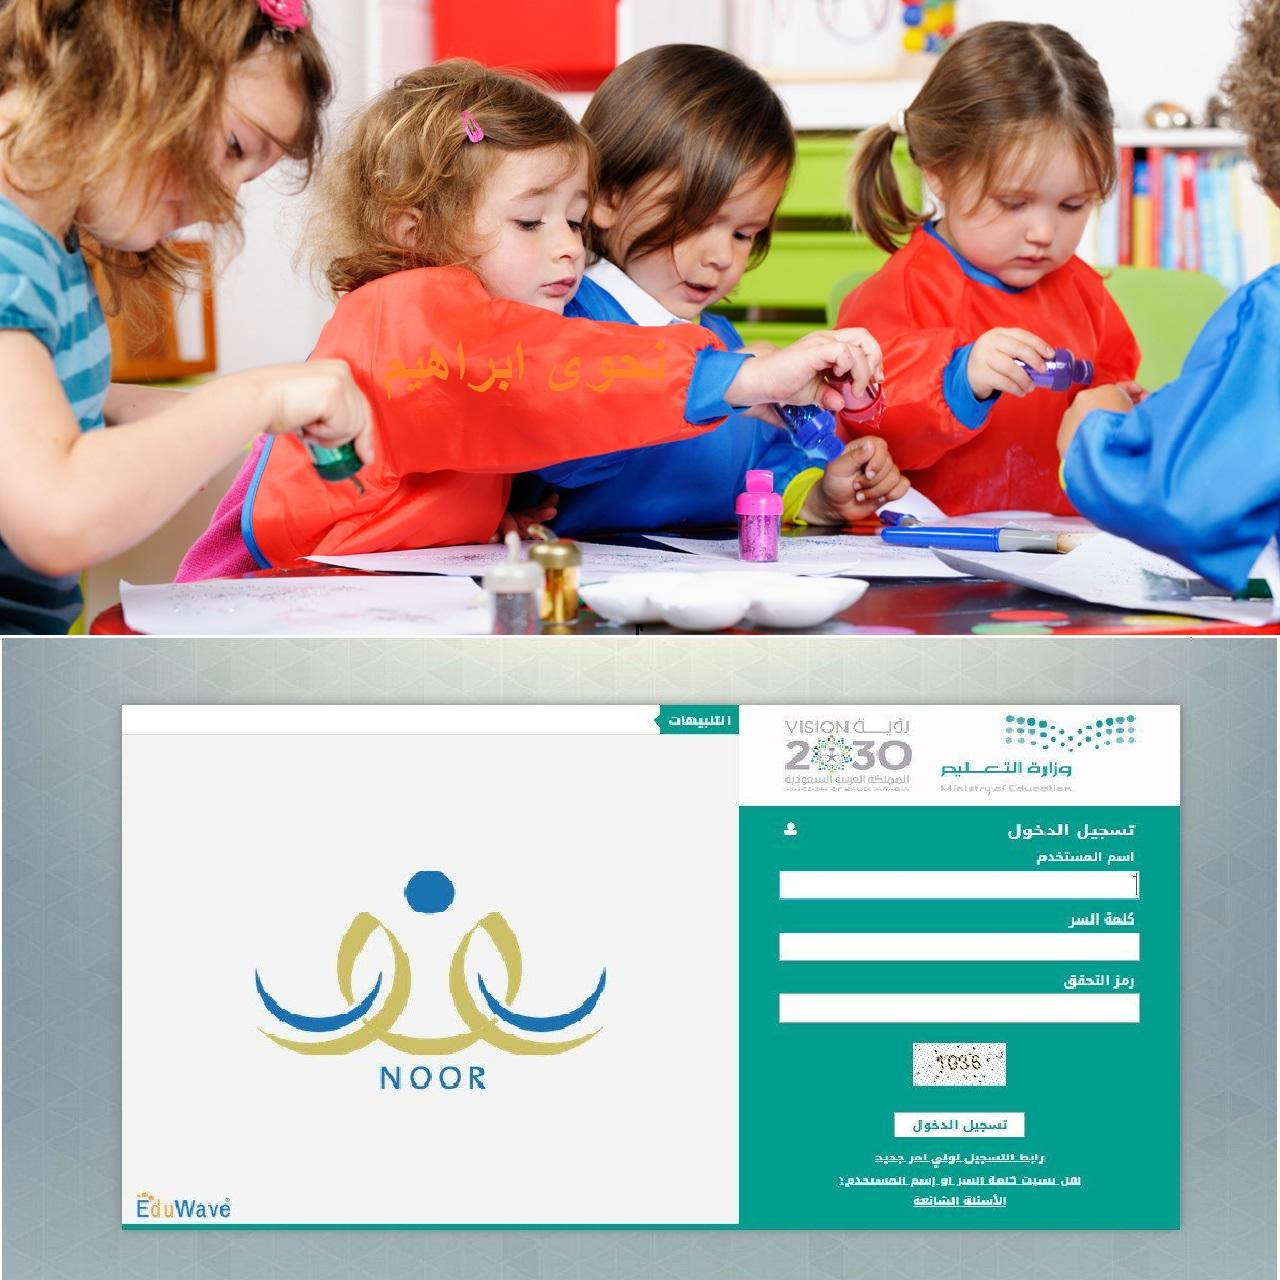 تسجيل روضات الأطفال على نظام نور 1443 رفع تحميل إضافة المرفقات استمارة فحص الكشف الطبي